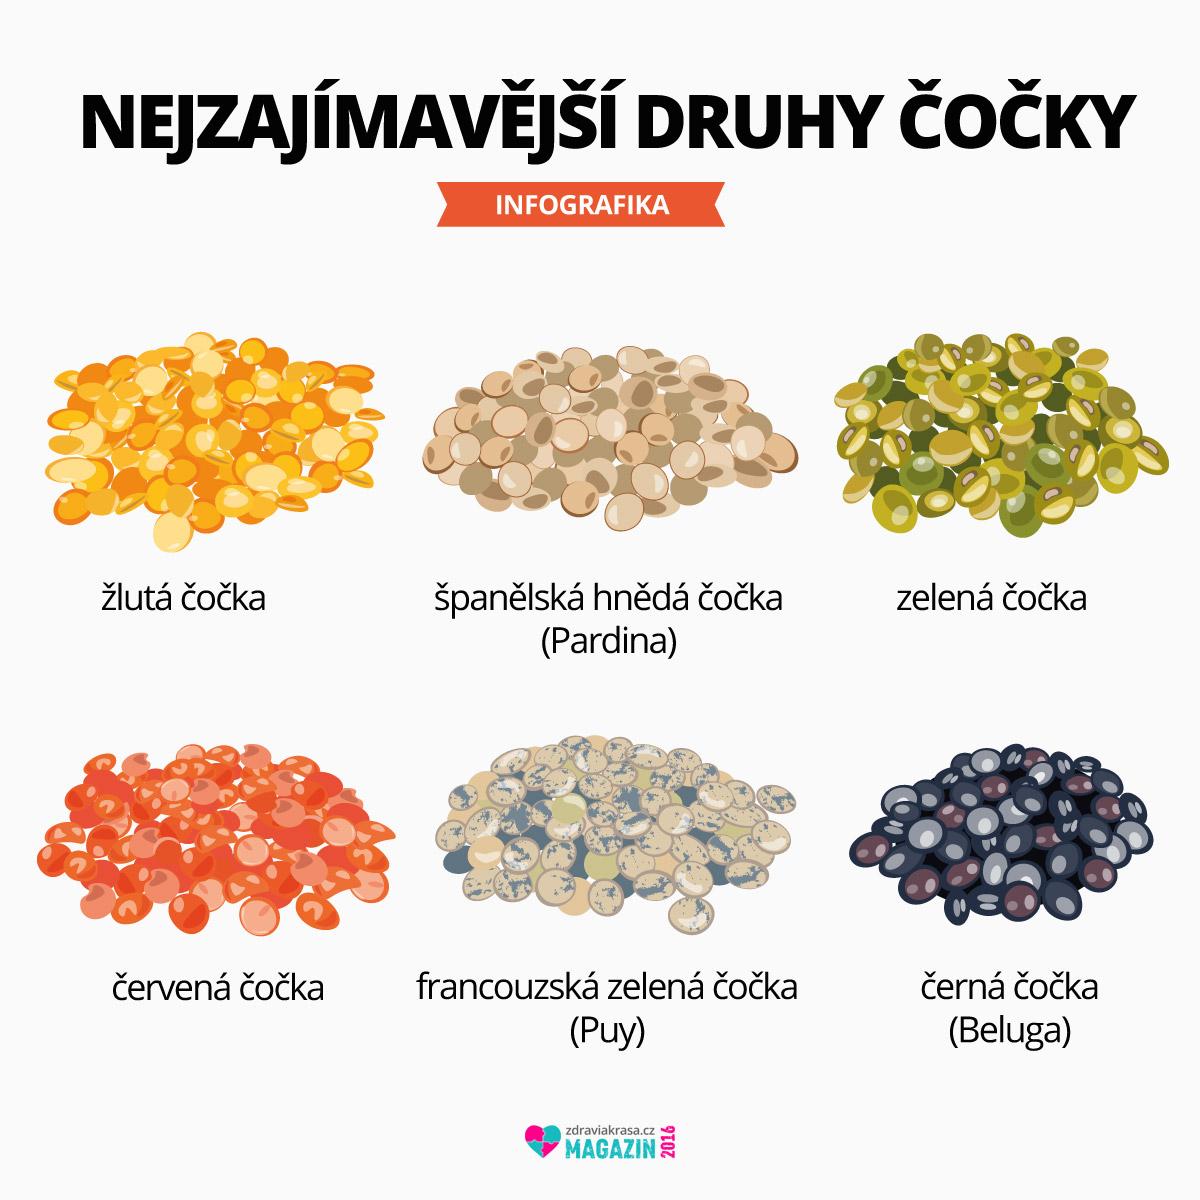 Druhy čočky na první pohled odlišíte jejich barvou. Stejná však není ani jejich chuť. Každá chutná trochu jinak a i jinak s ní lze pracovat v kuchyni.